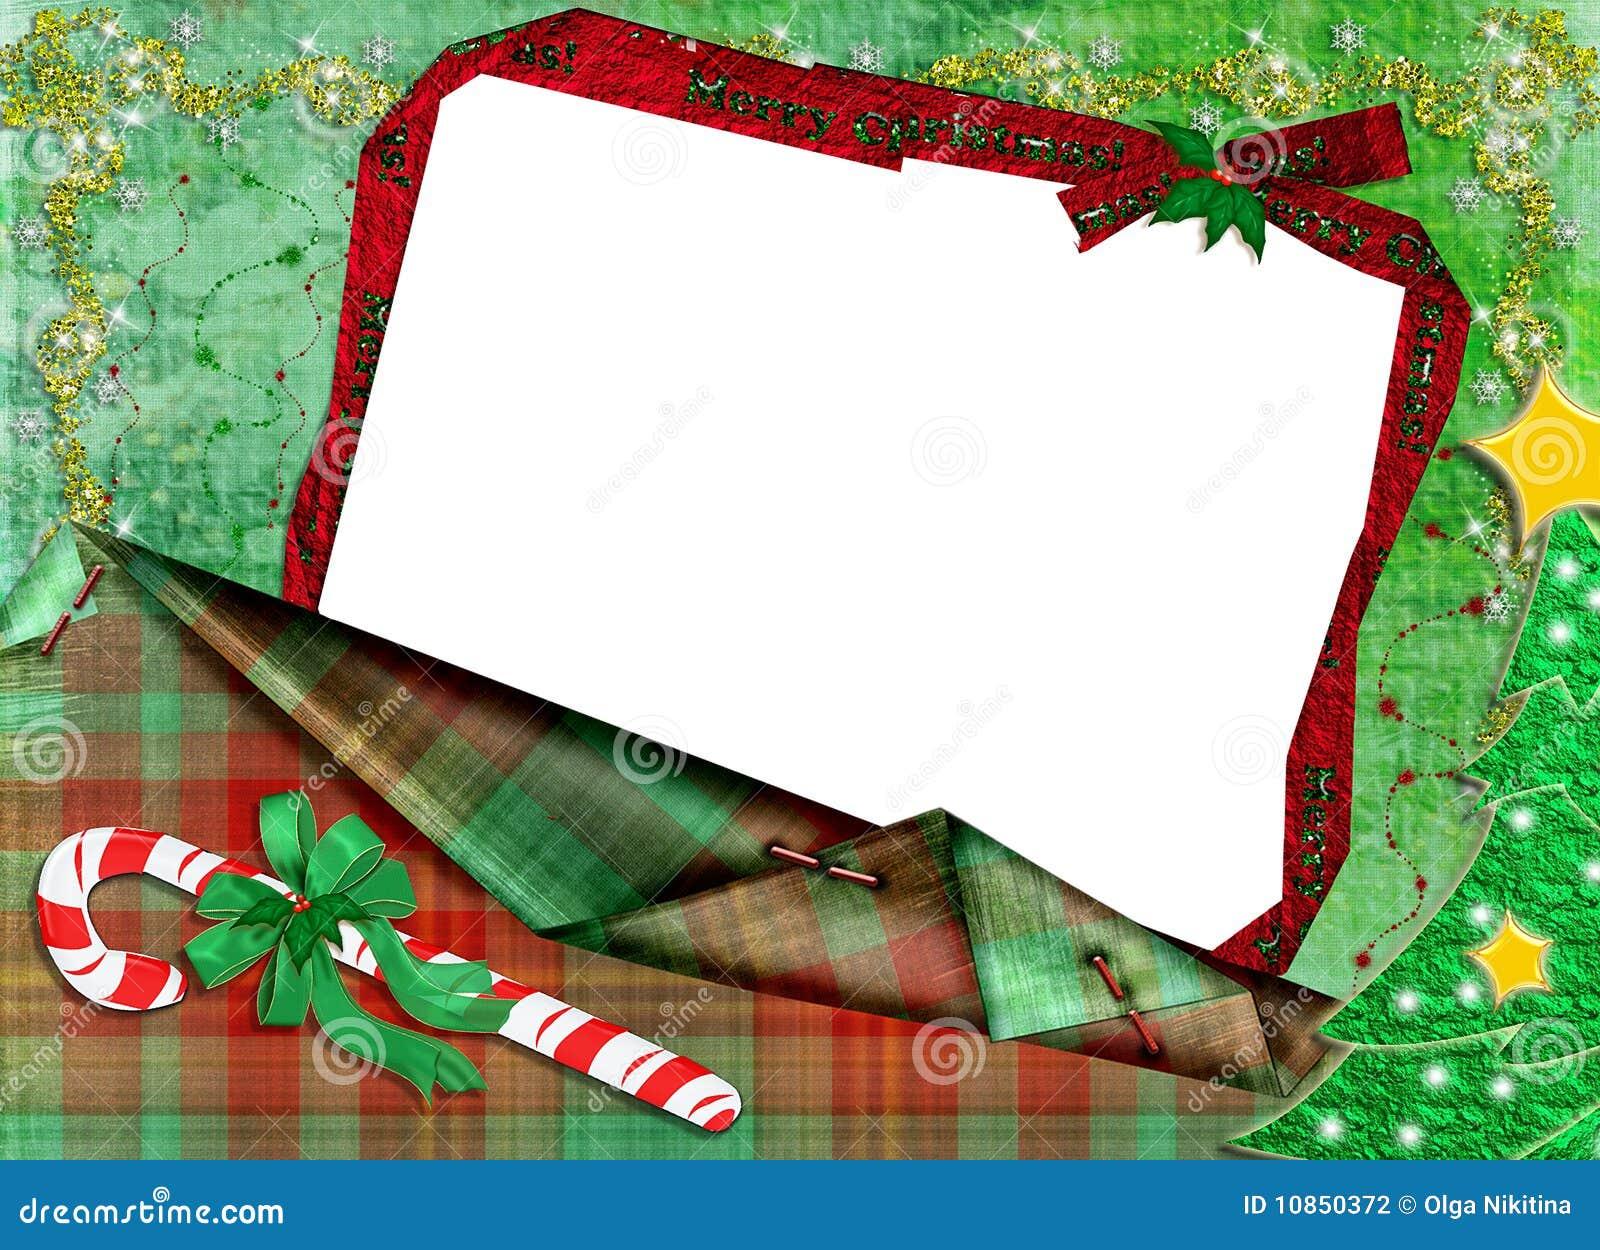 Rahmen Für Ein Foto Für Weihnachten. Stock Abbildung - Illustration ...